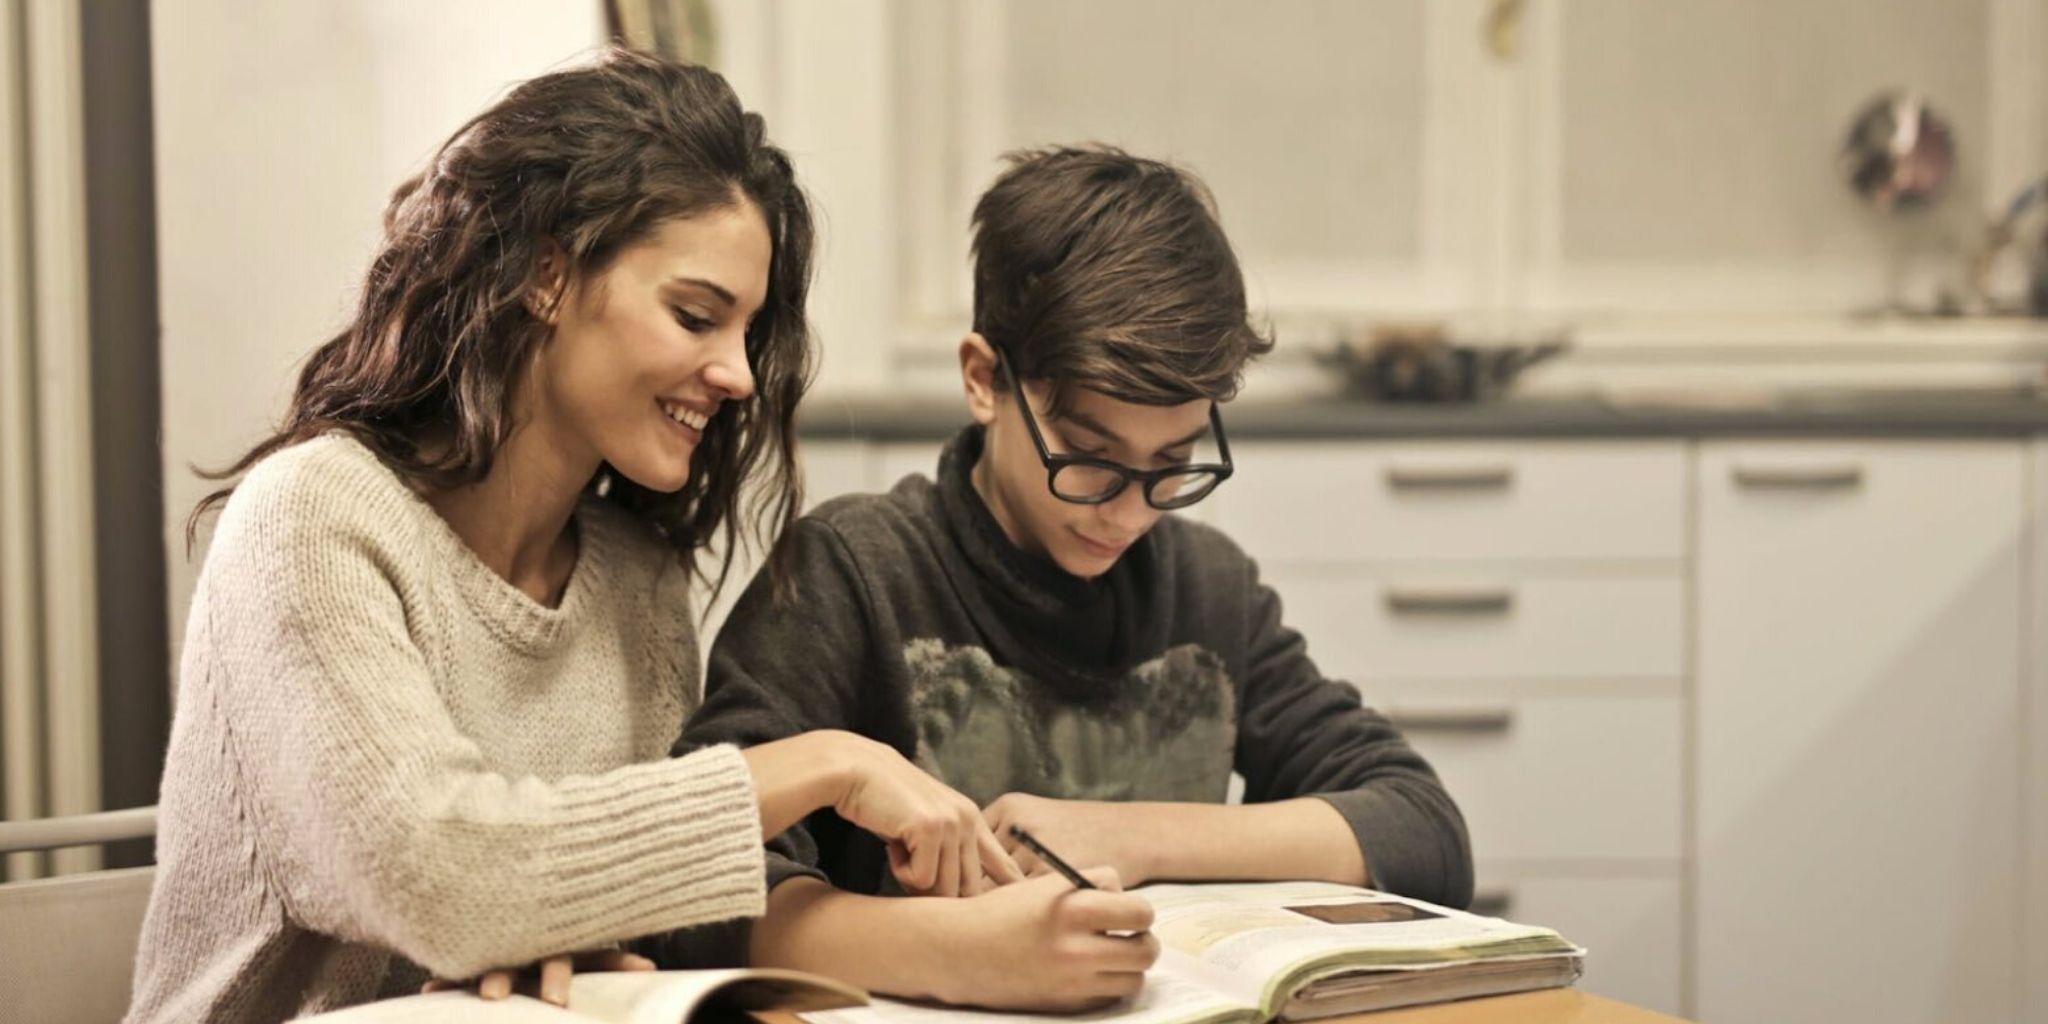 Pomoc z zadaniem domowym i zdalna nauka